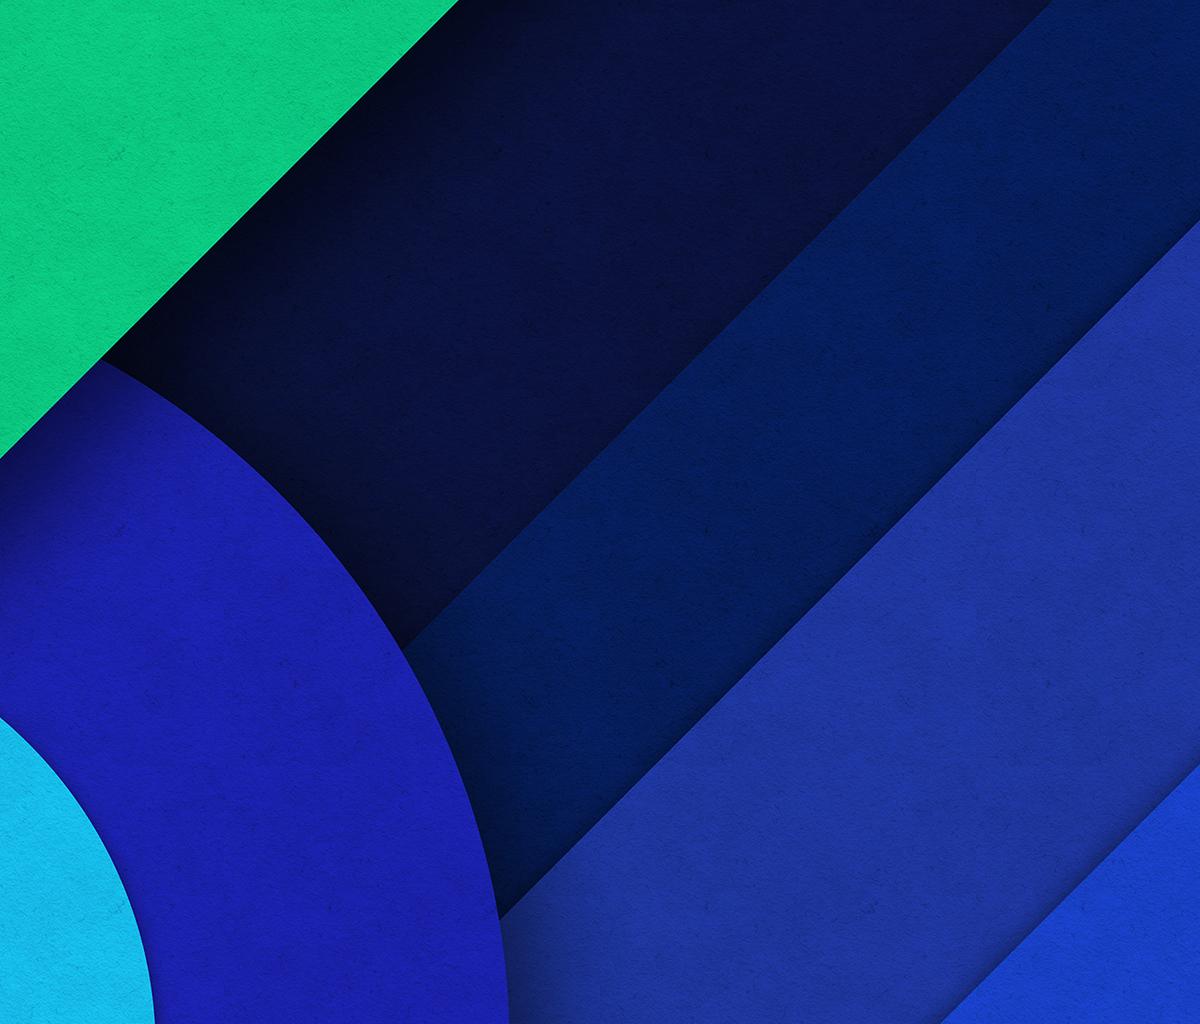 تحميل خلفيات الكاتيل عالية الدقة لهاتف Alcatel Pixi 4 بدقة FHD